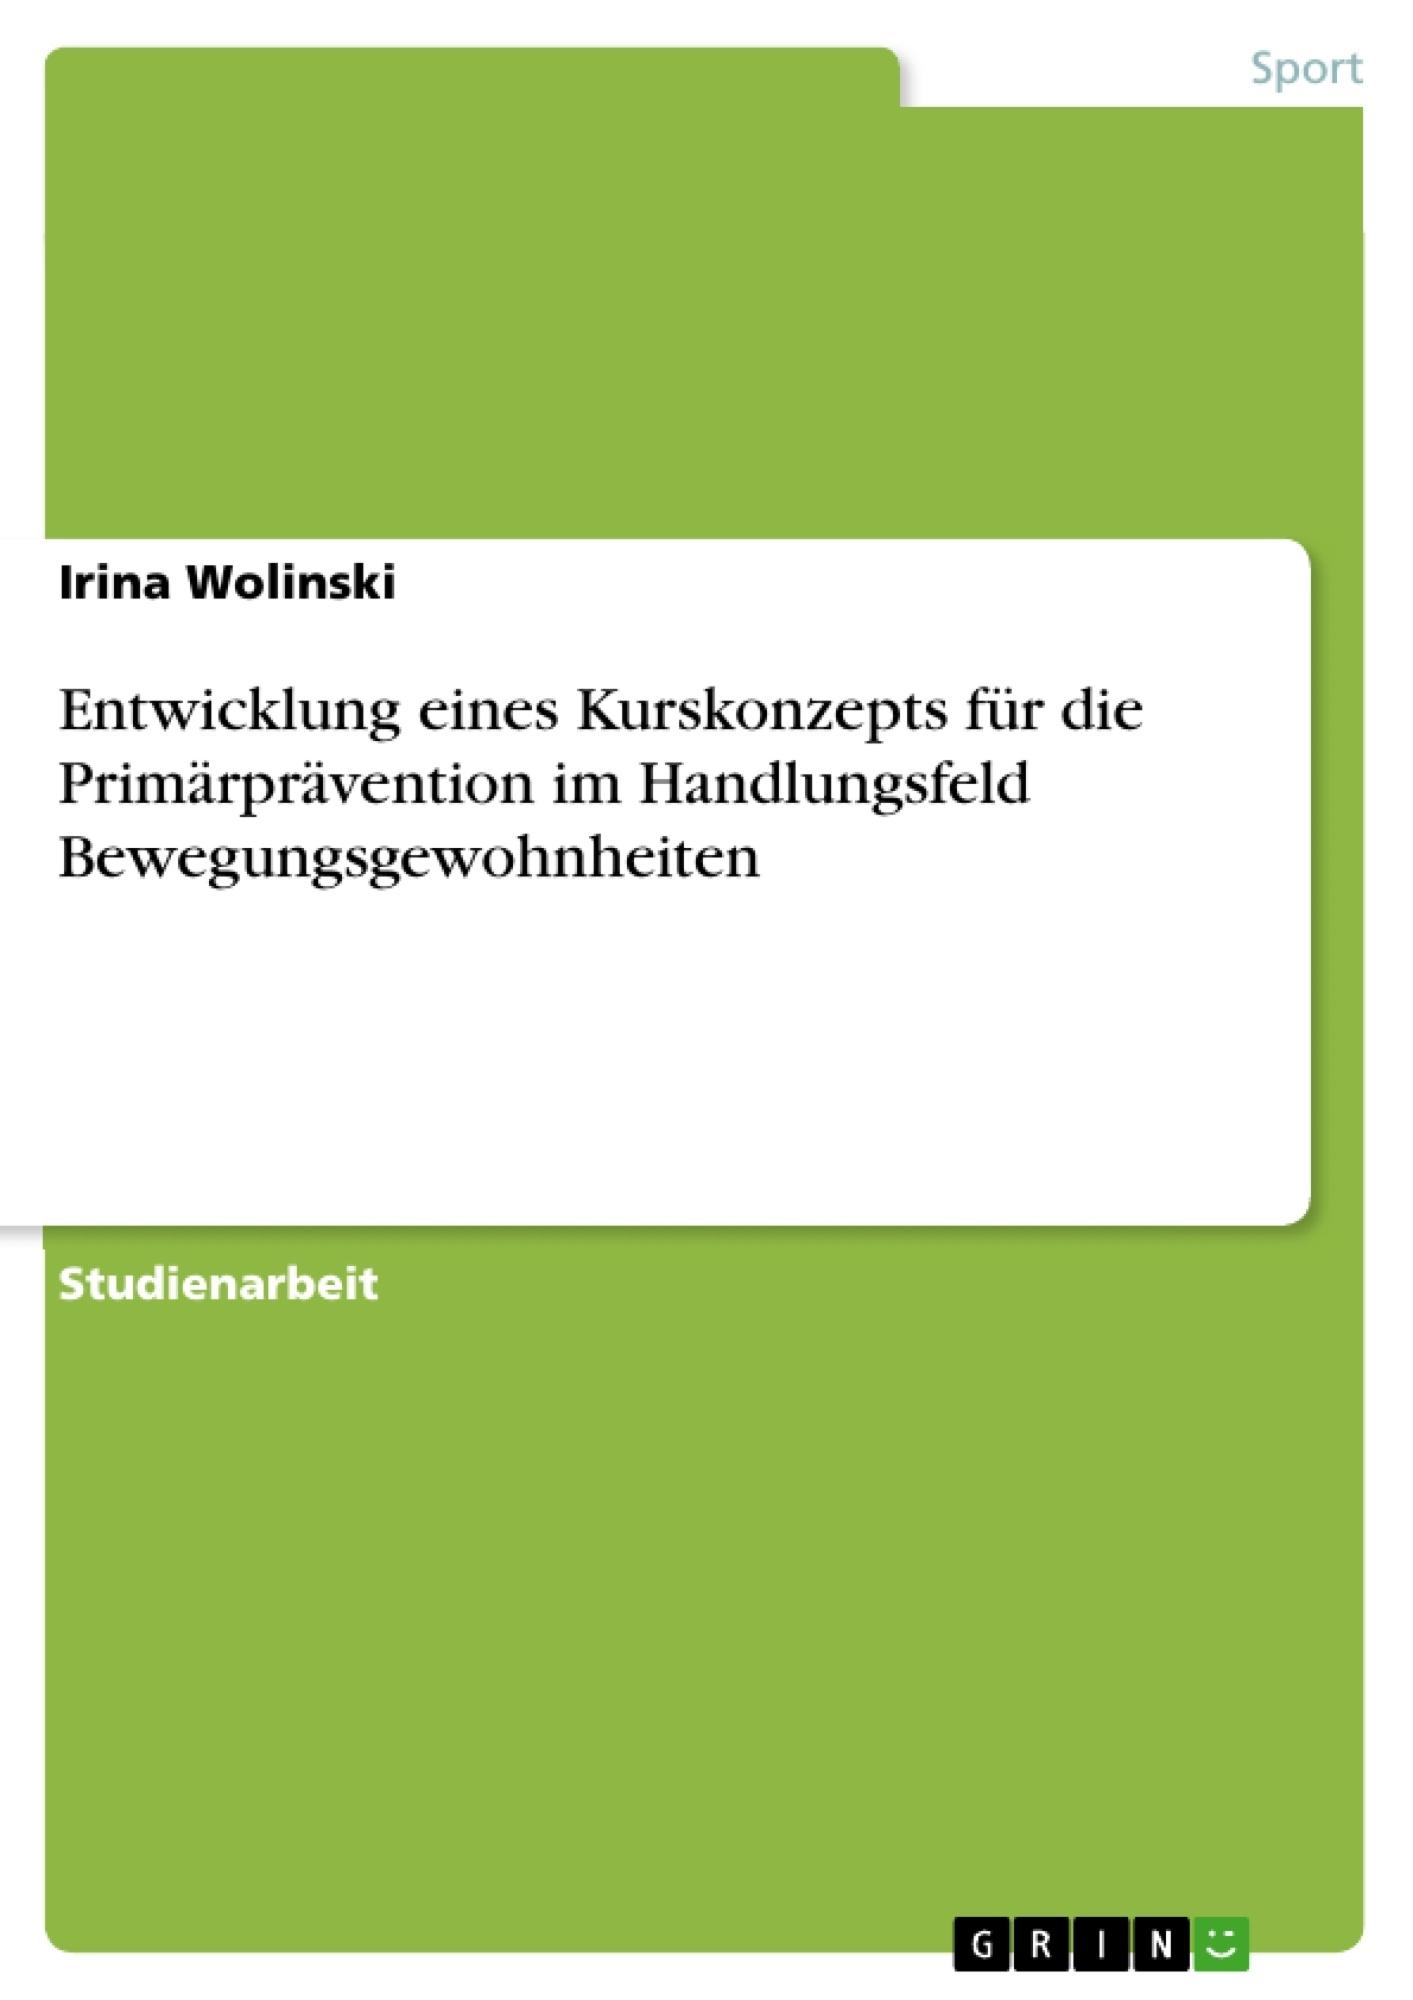 Titel: Entwicklung eines Kurskonzepts für die Primärprävention im Handlungsfeld Bewegungsgewohnheiten